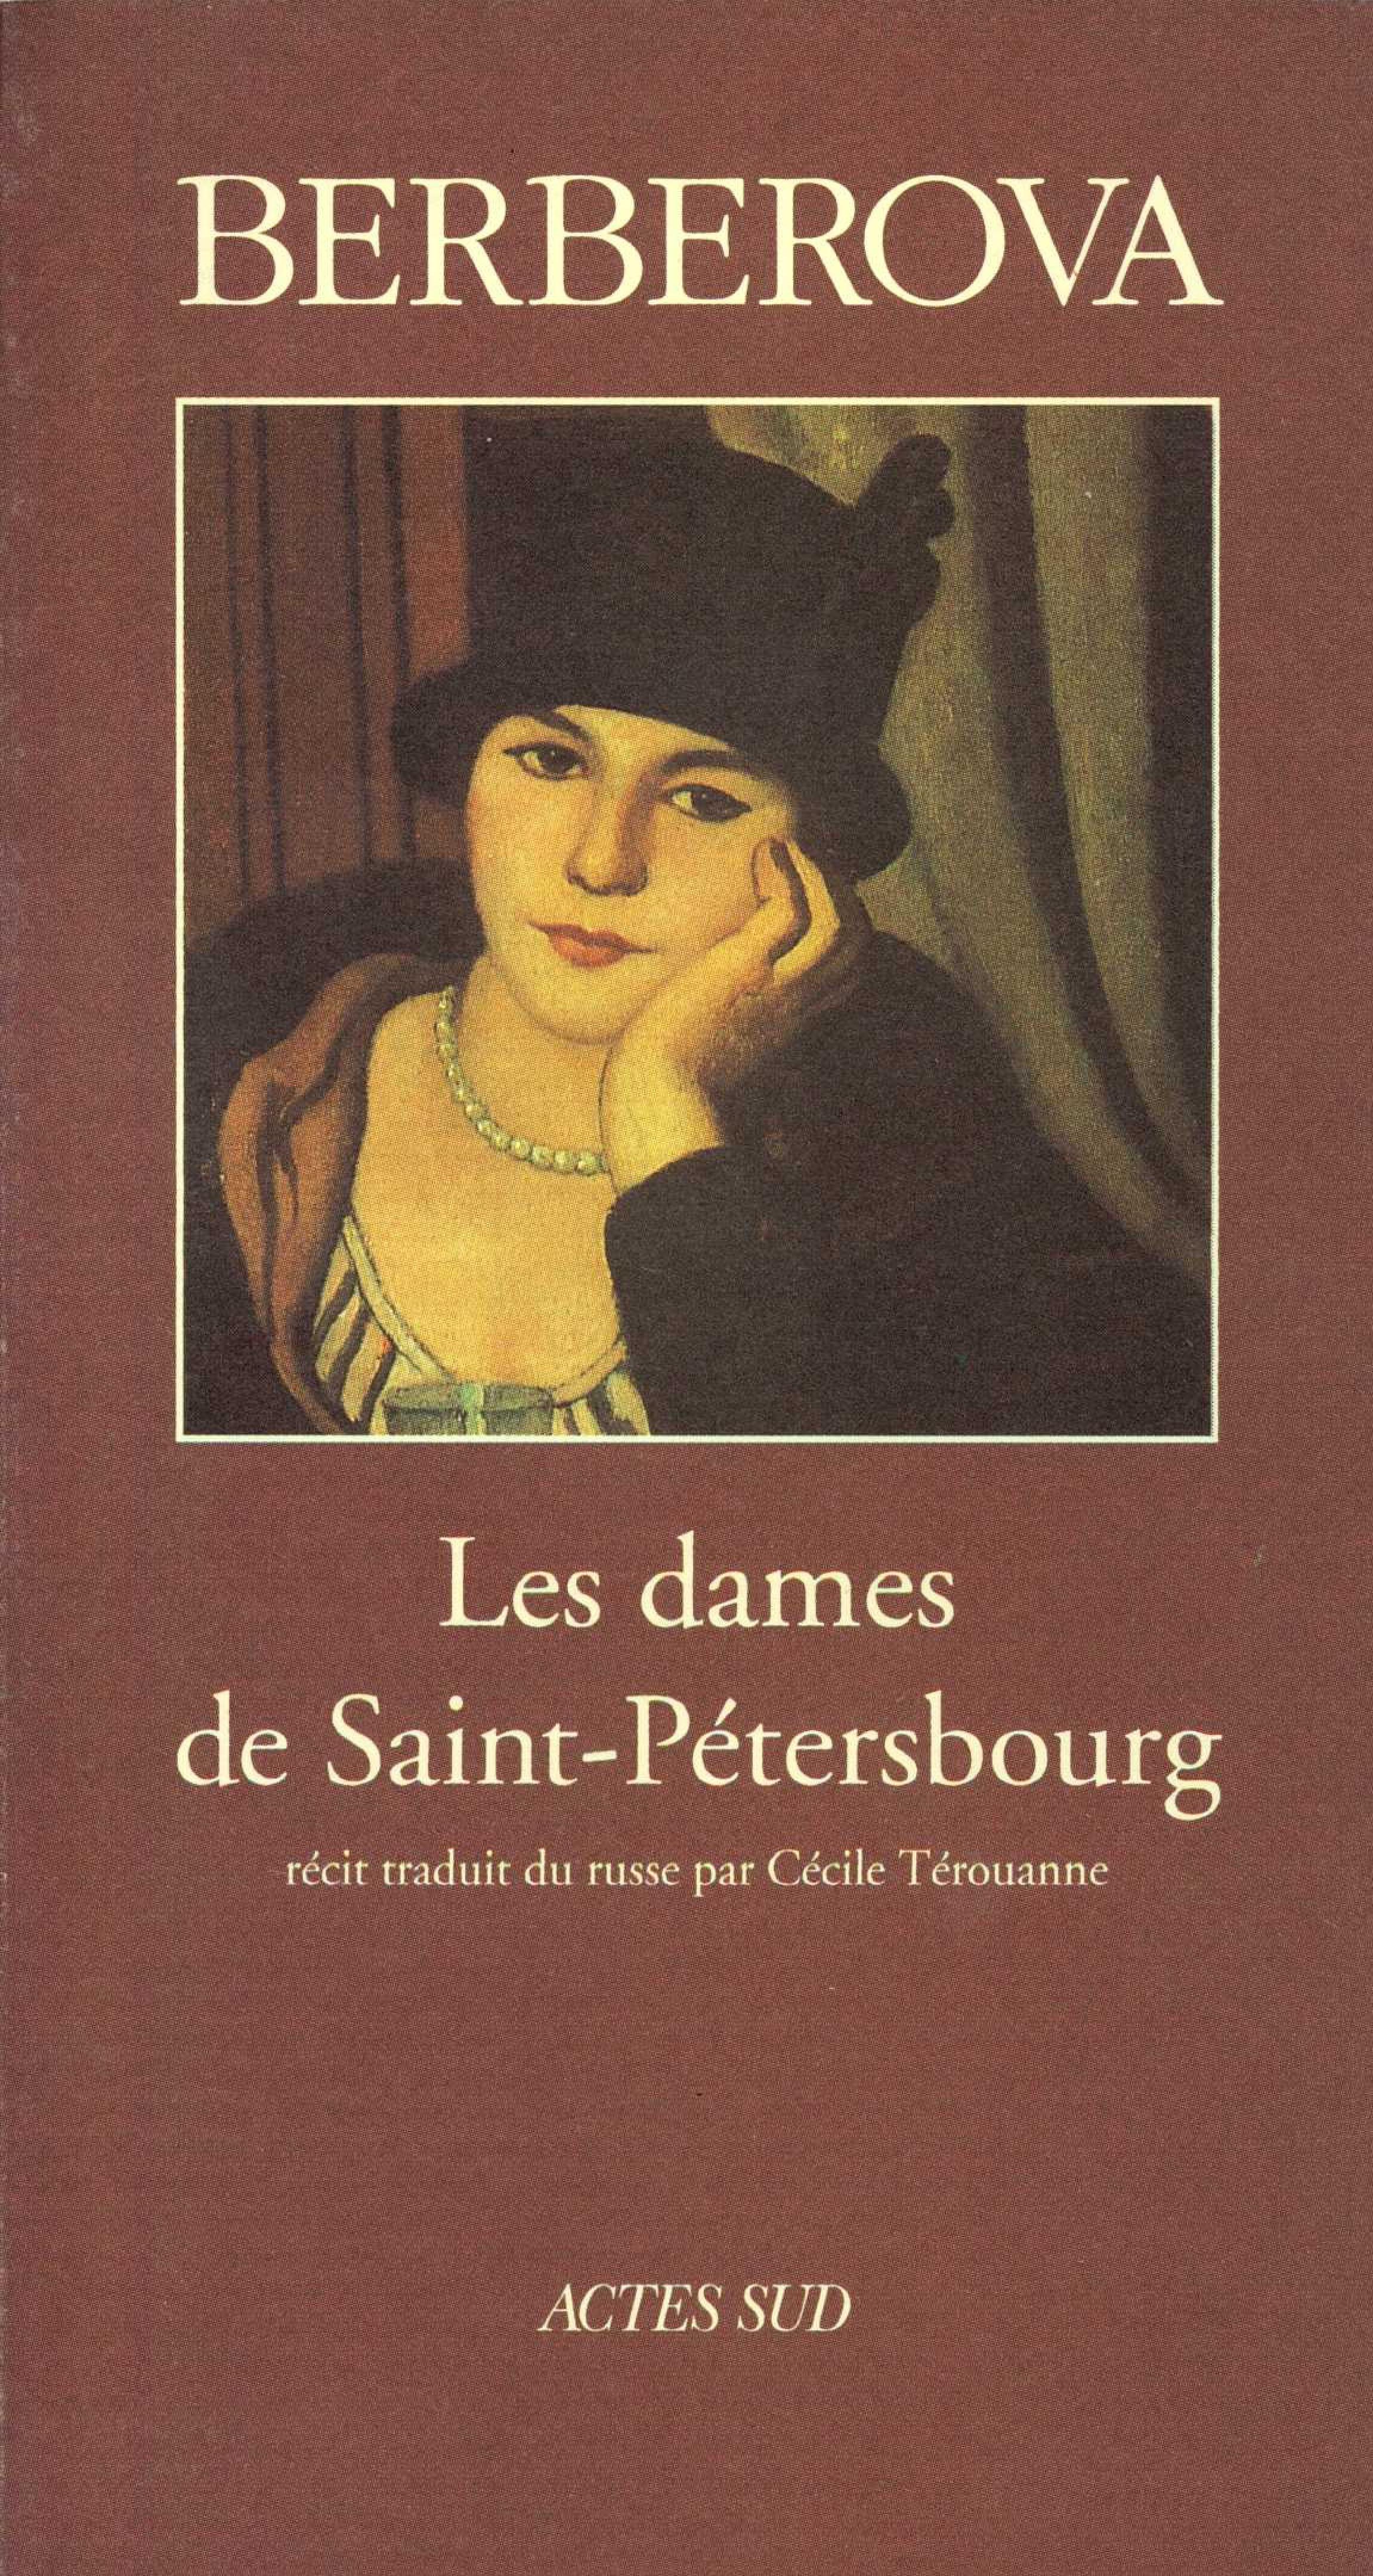 Les dames de Saint-Pétersbourg